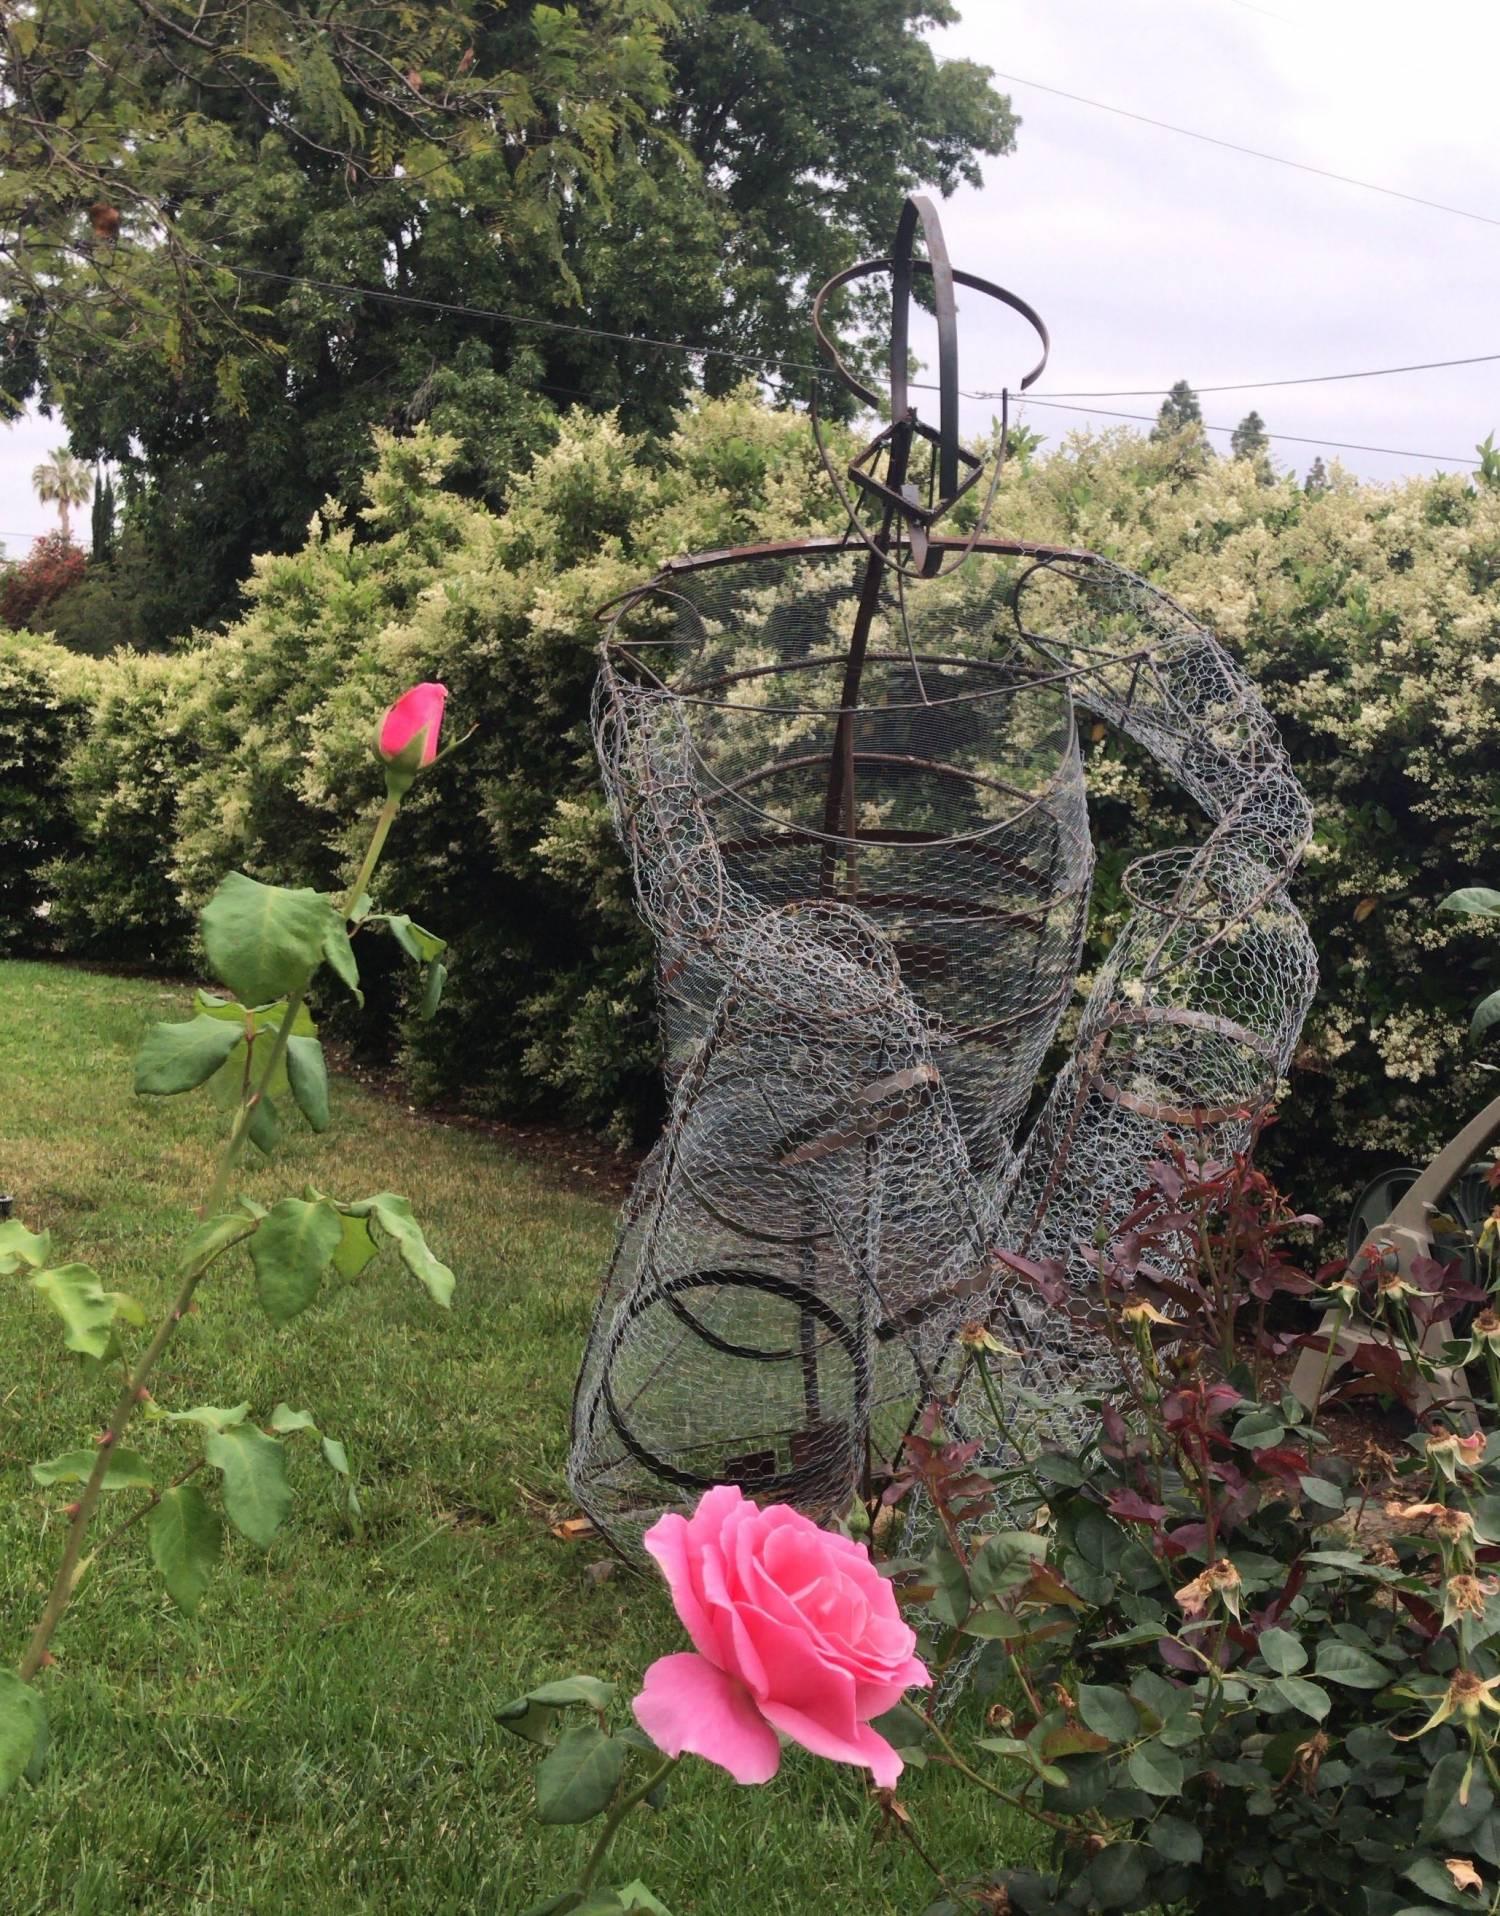 Welded figure sculpture installed on grass yard/garden.